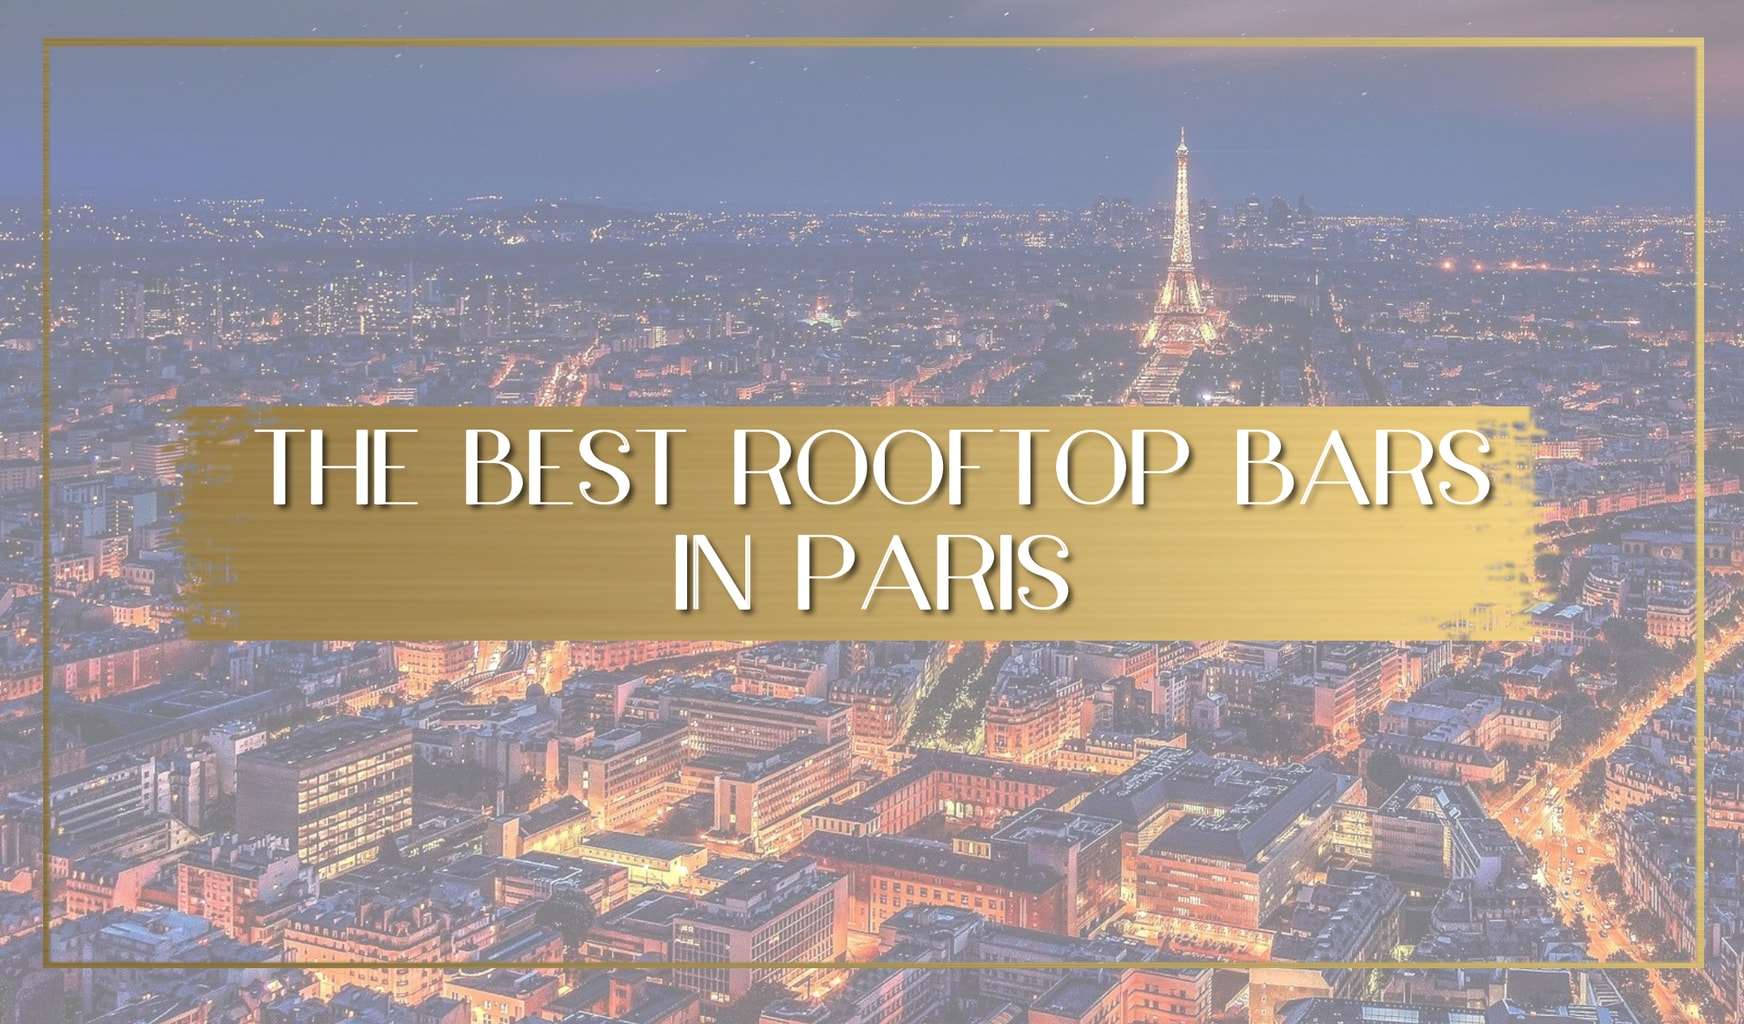 Rooftop bars in Paris main